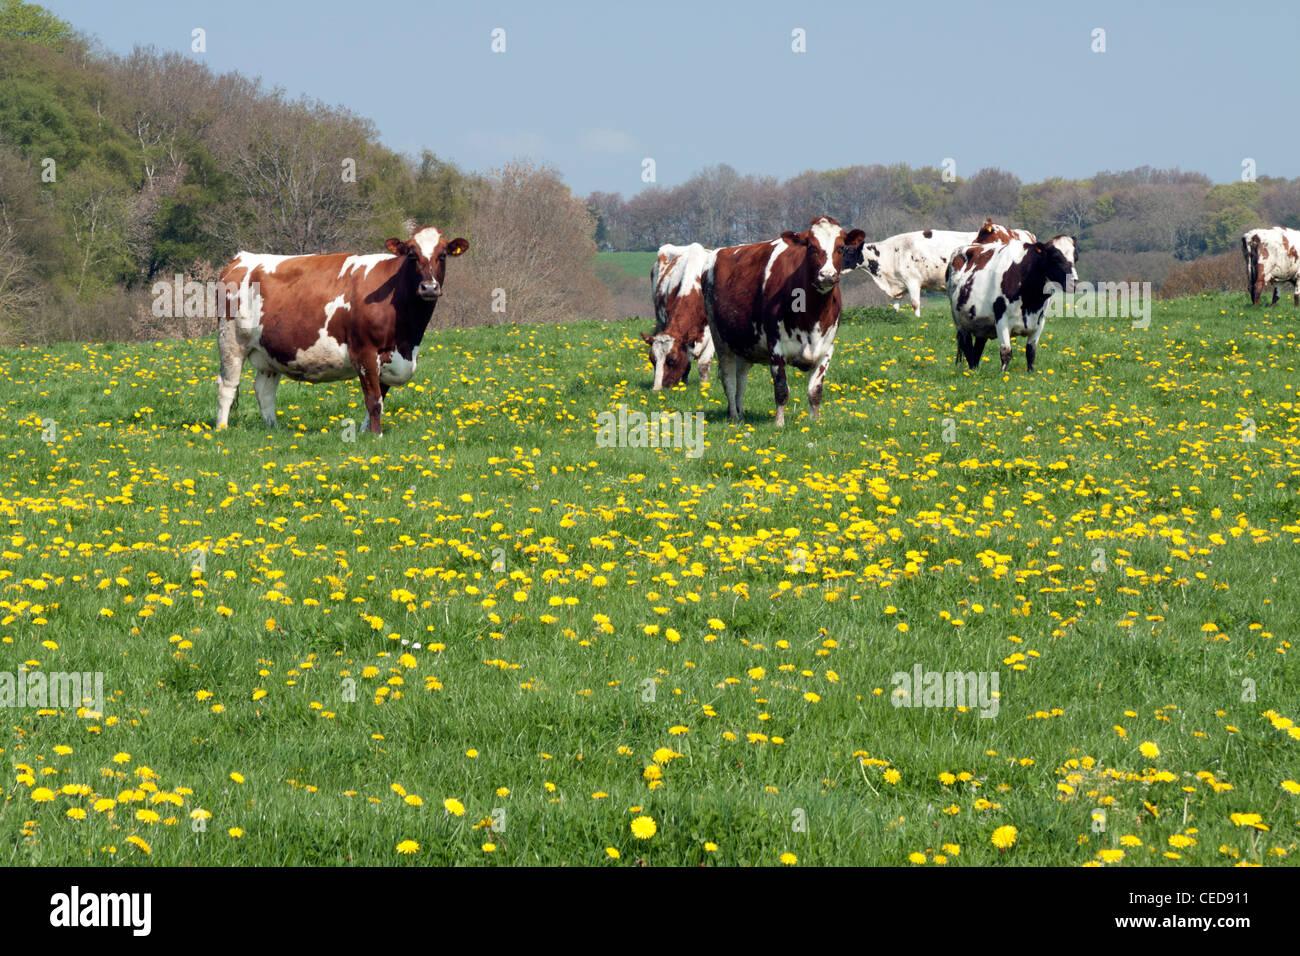 Ayrshire bovini in un prato pieno di tarassaco vicino Fovant nel Wiltshire. Immagini Stock